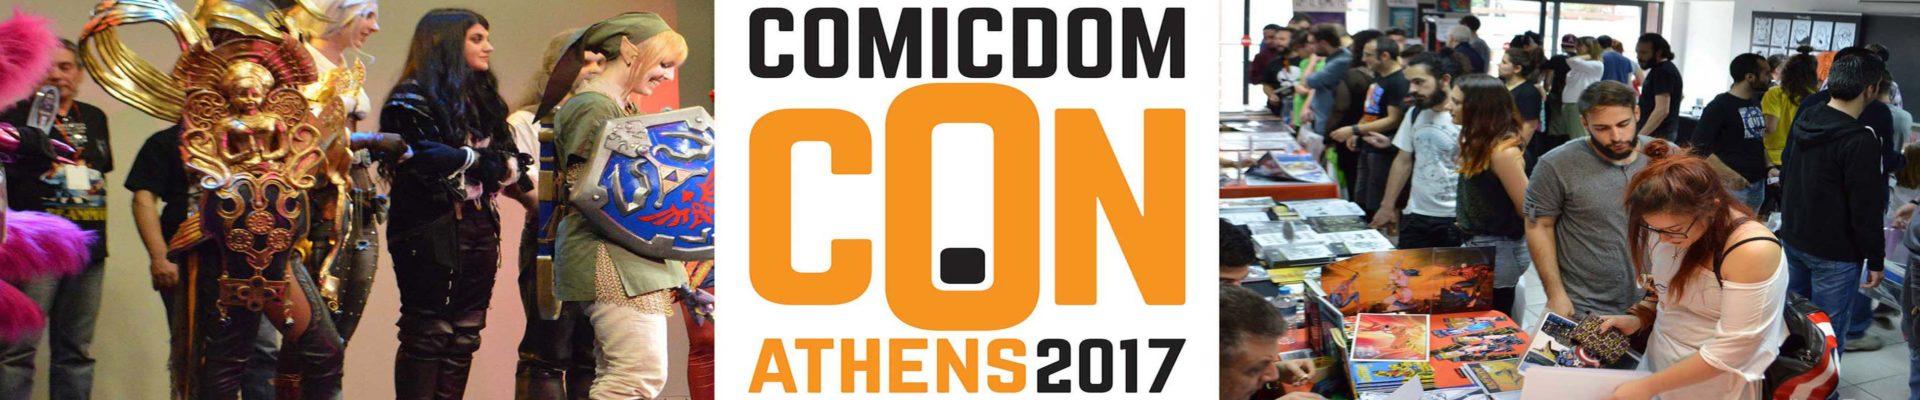 comicdom con athens 2017 website